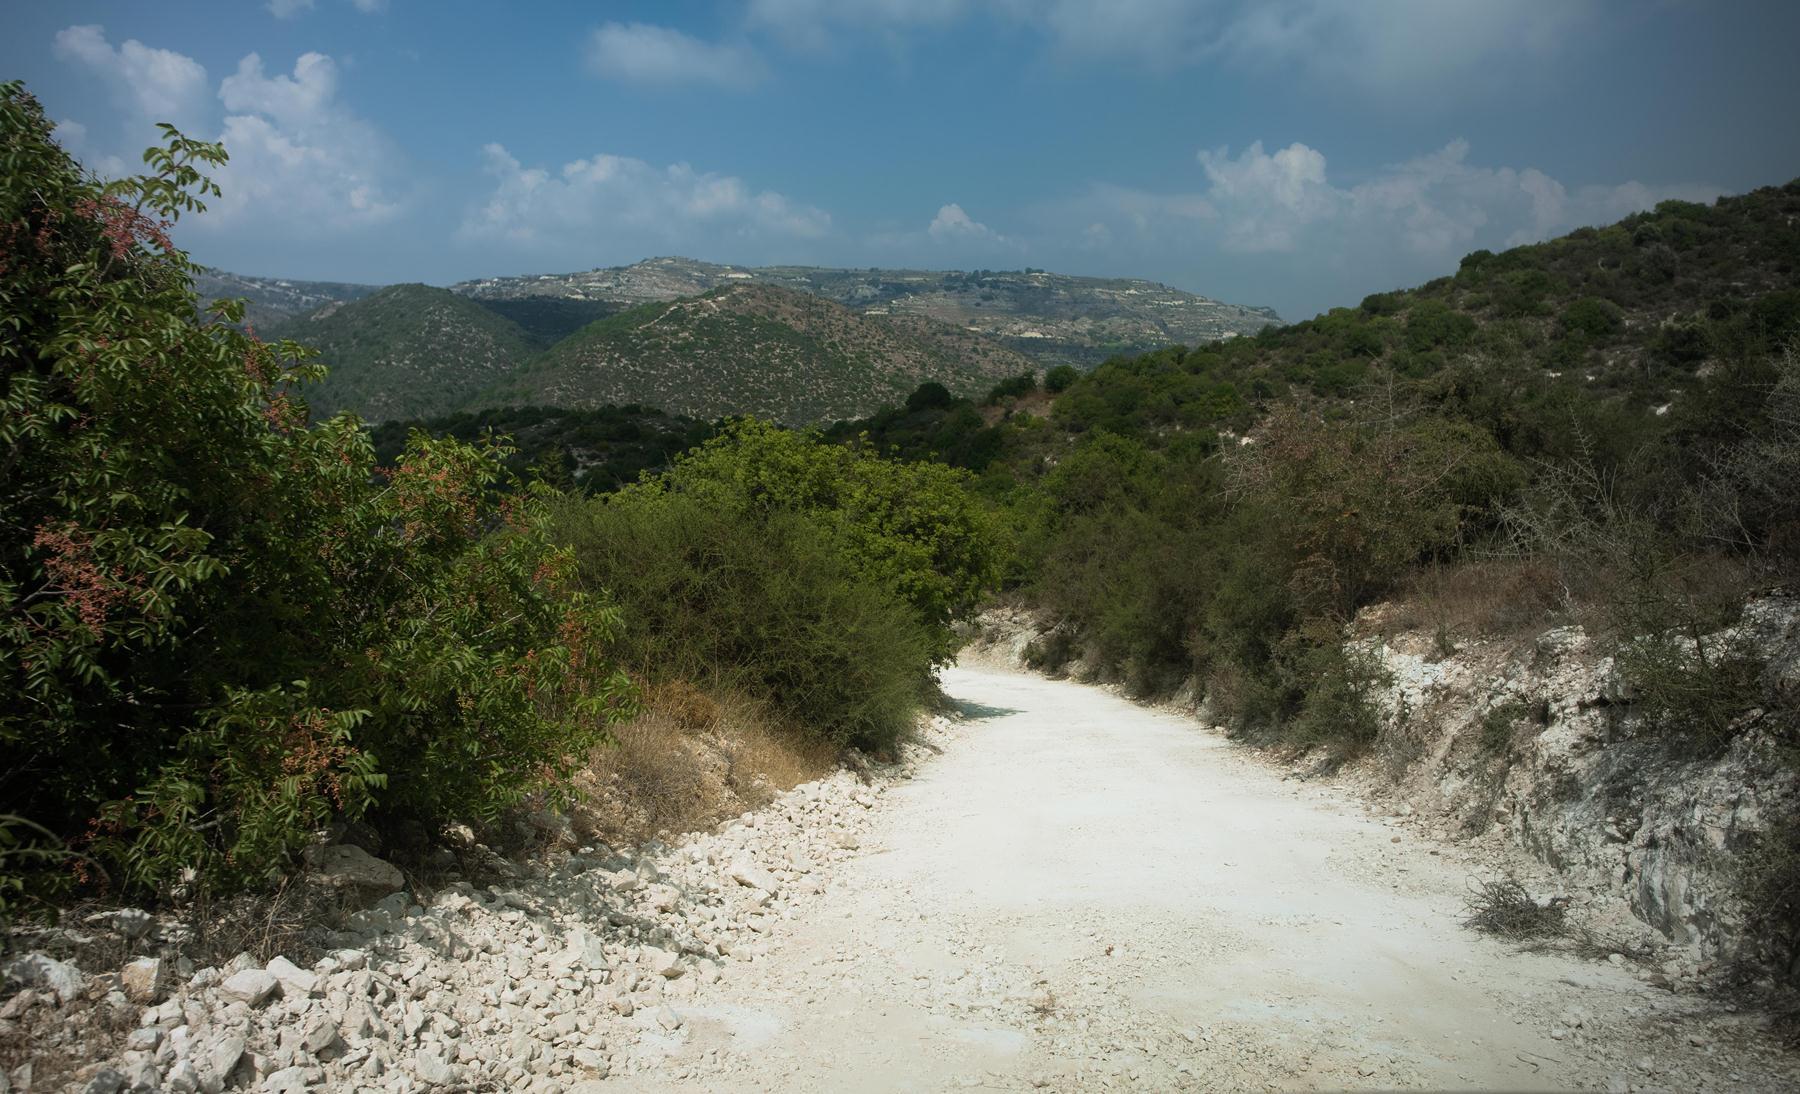 Спускаемся к подножию кипрских склонов и гор